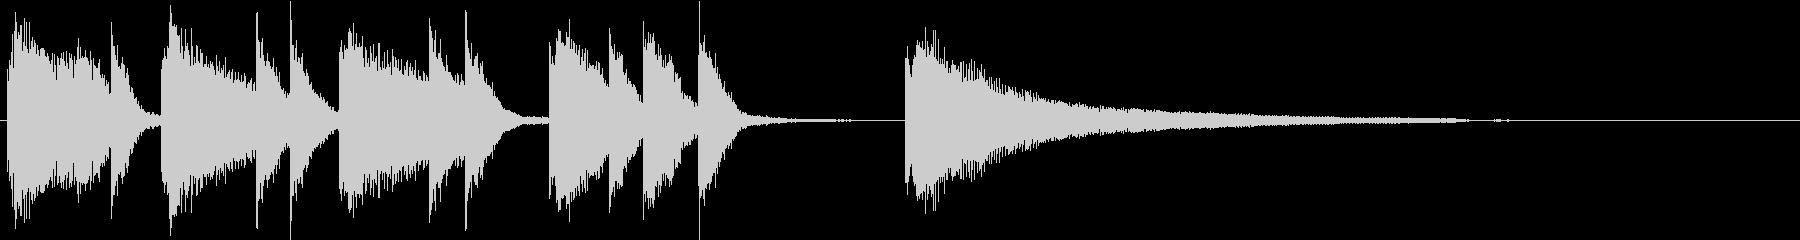 シンプルで爽やかなピアノソロジングル01の未再生の波形